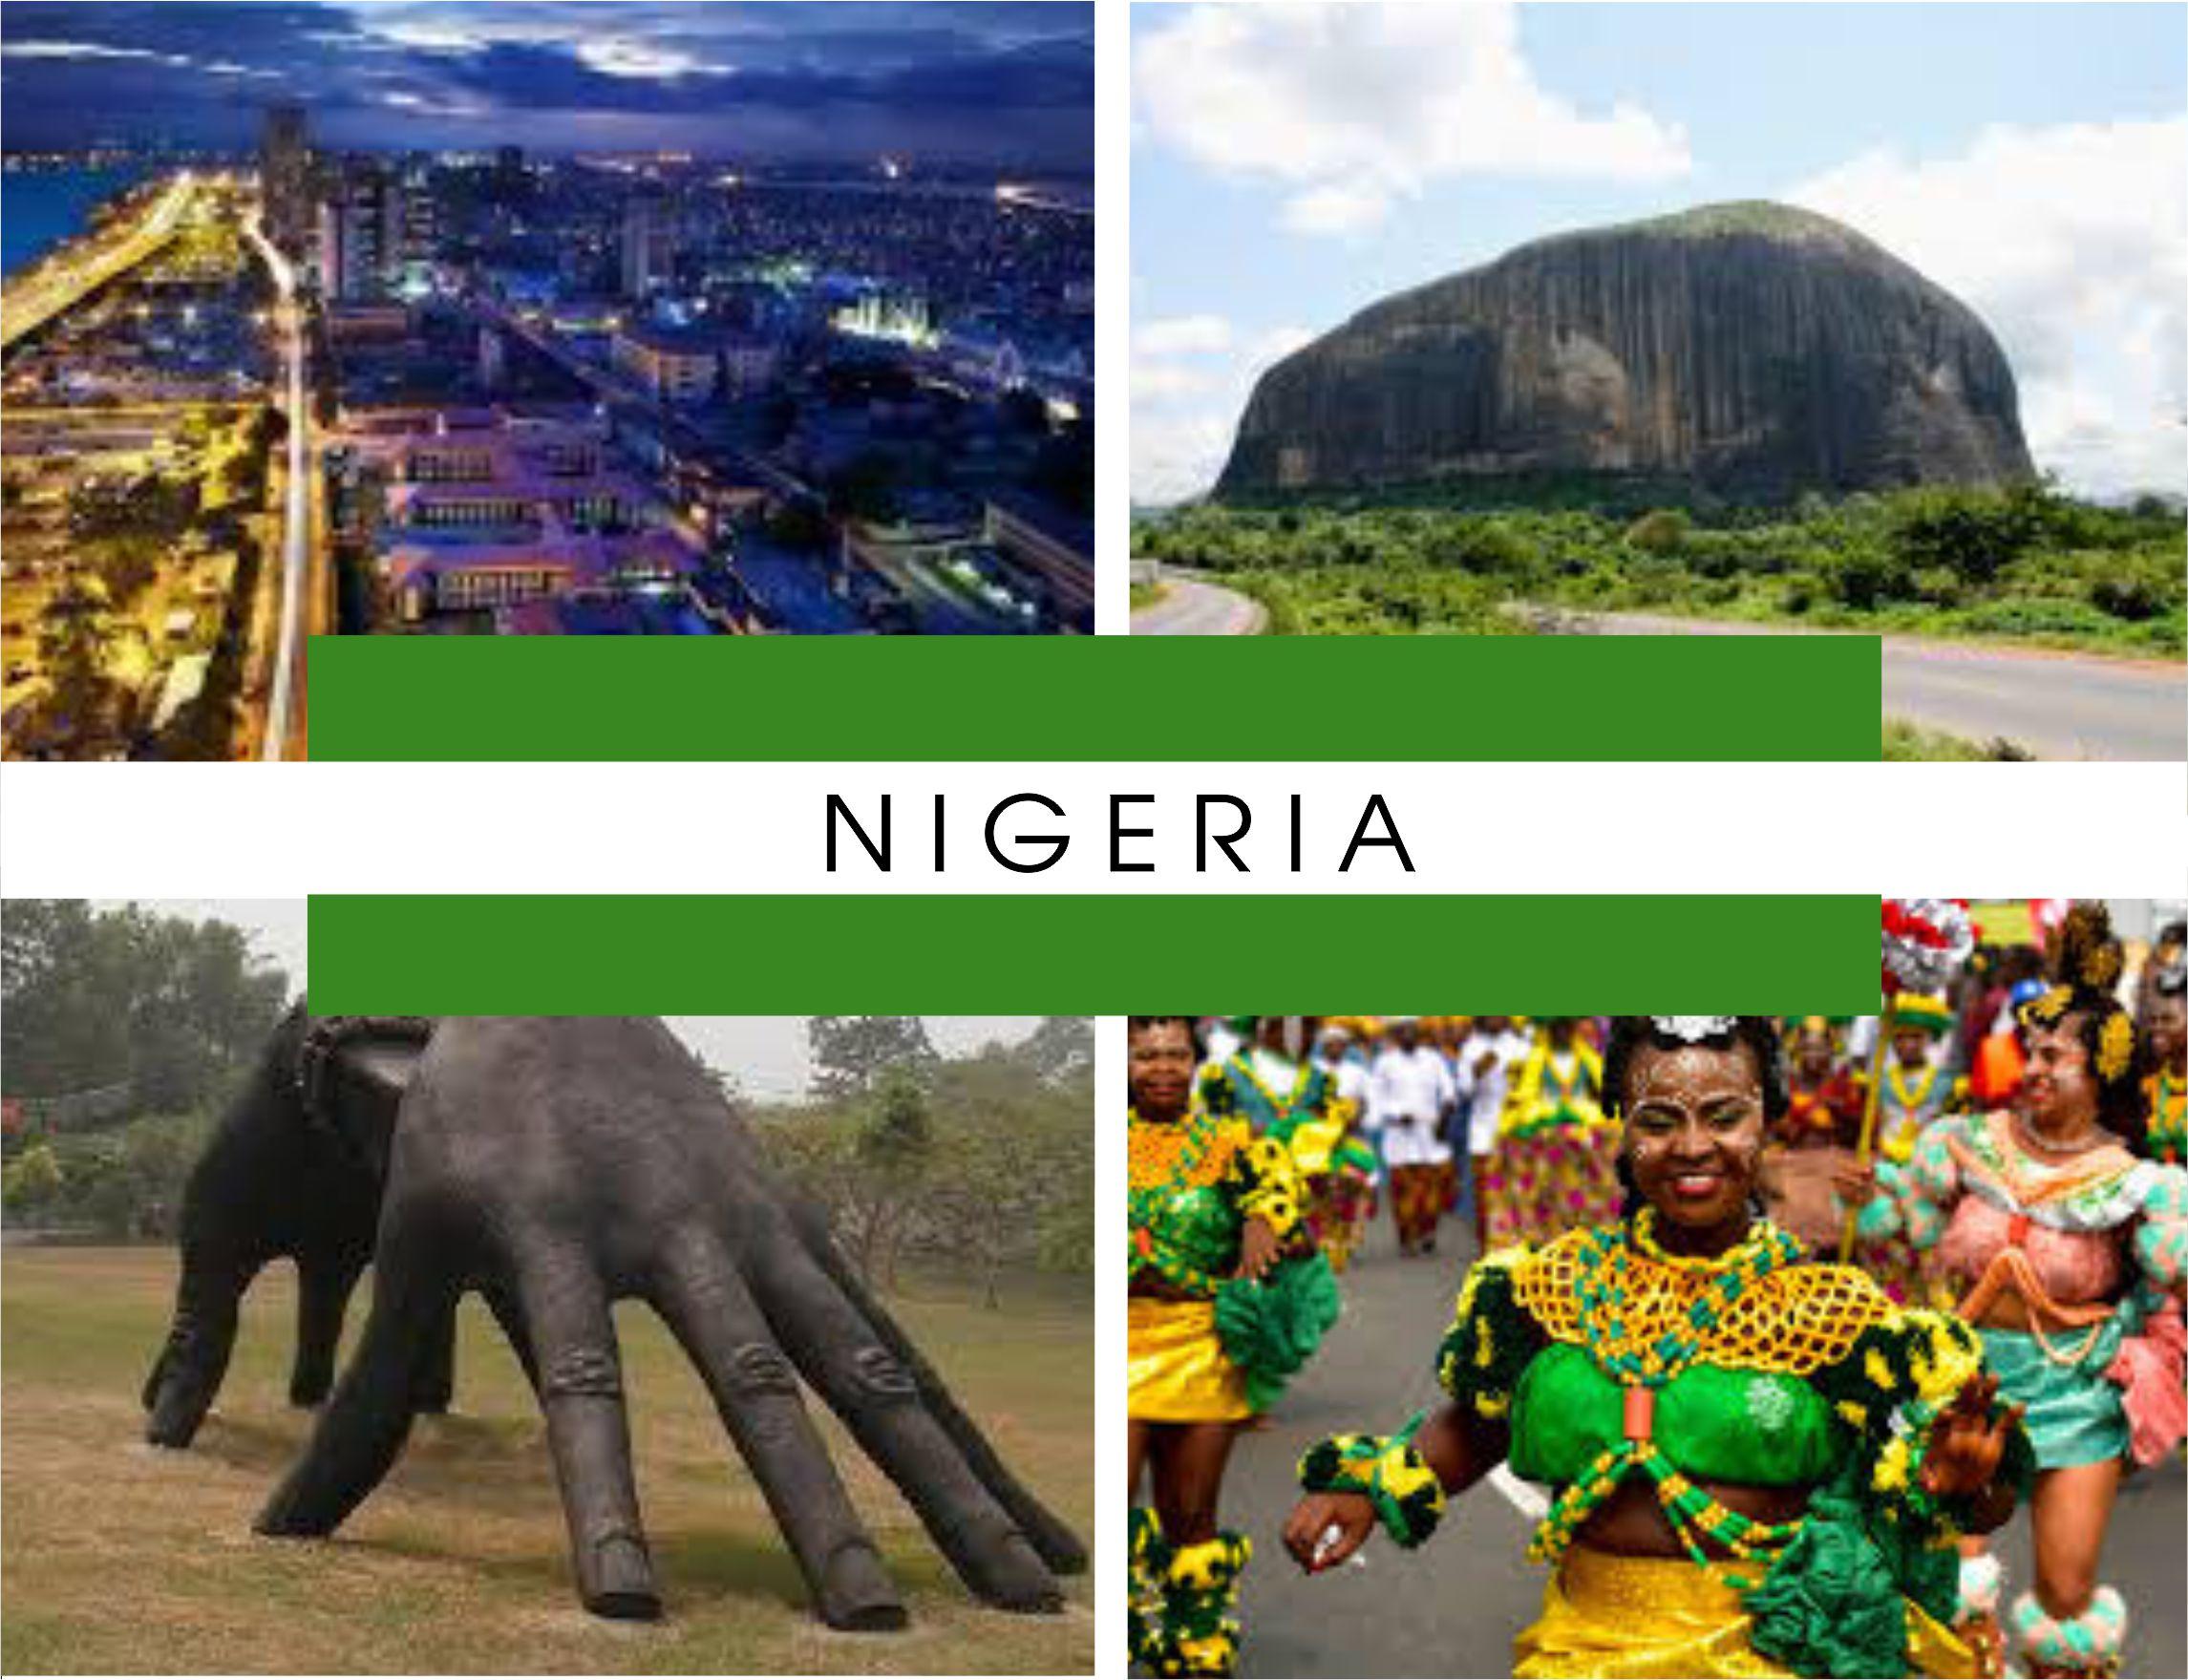 Nigeria, a sleeping tourism giant that needs awakening